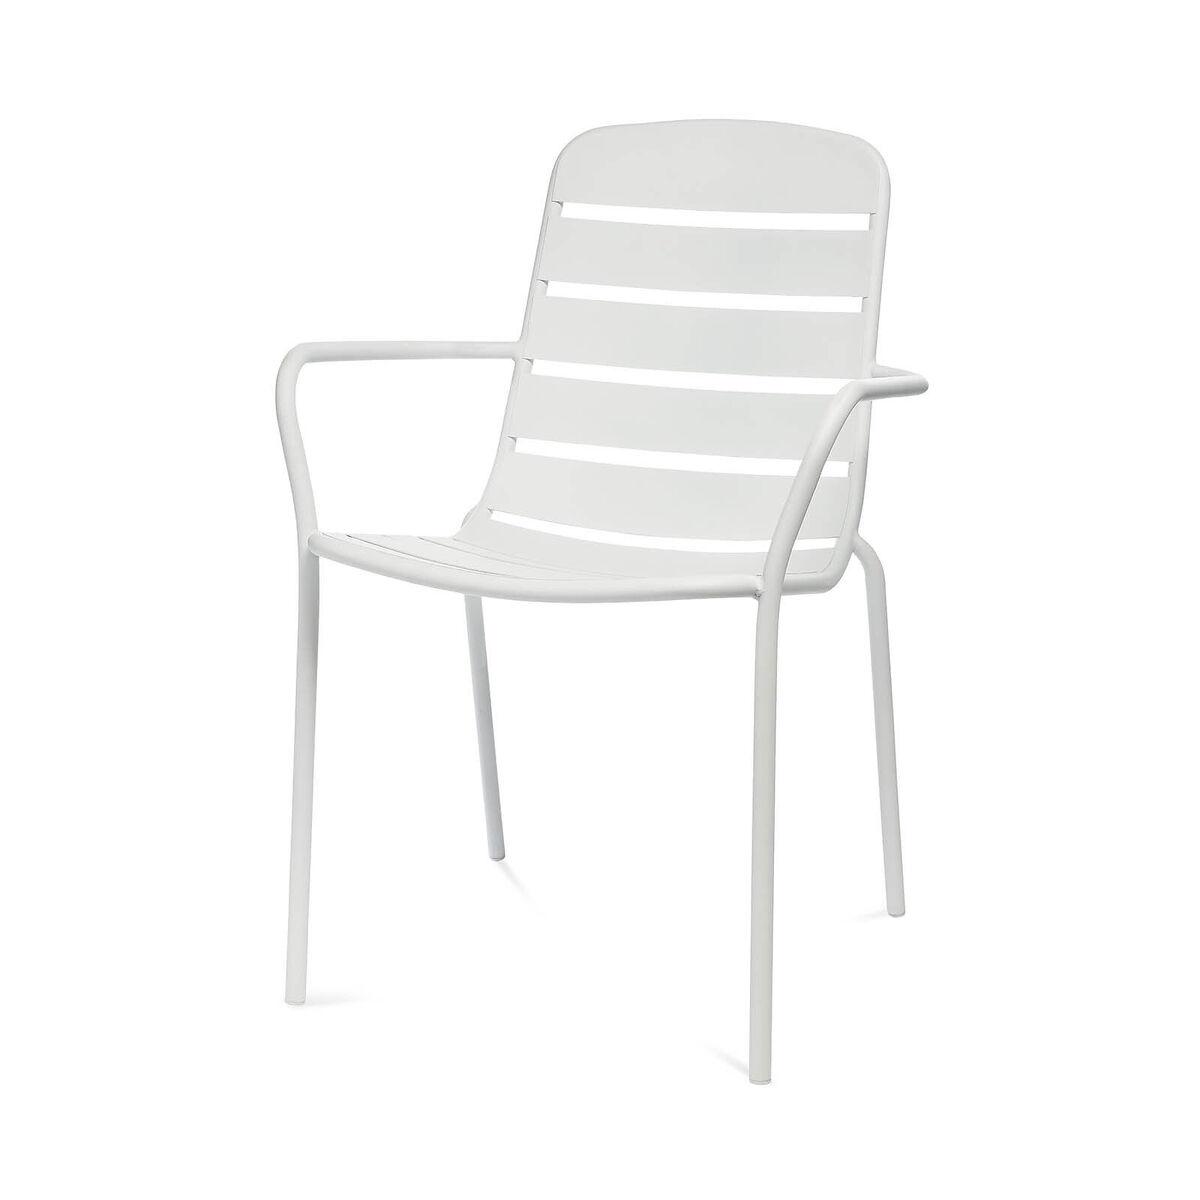 Bild 1 von Gartenstuhl mit Armlehnen, Aluminium, 56x63,5x84cm, weiß